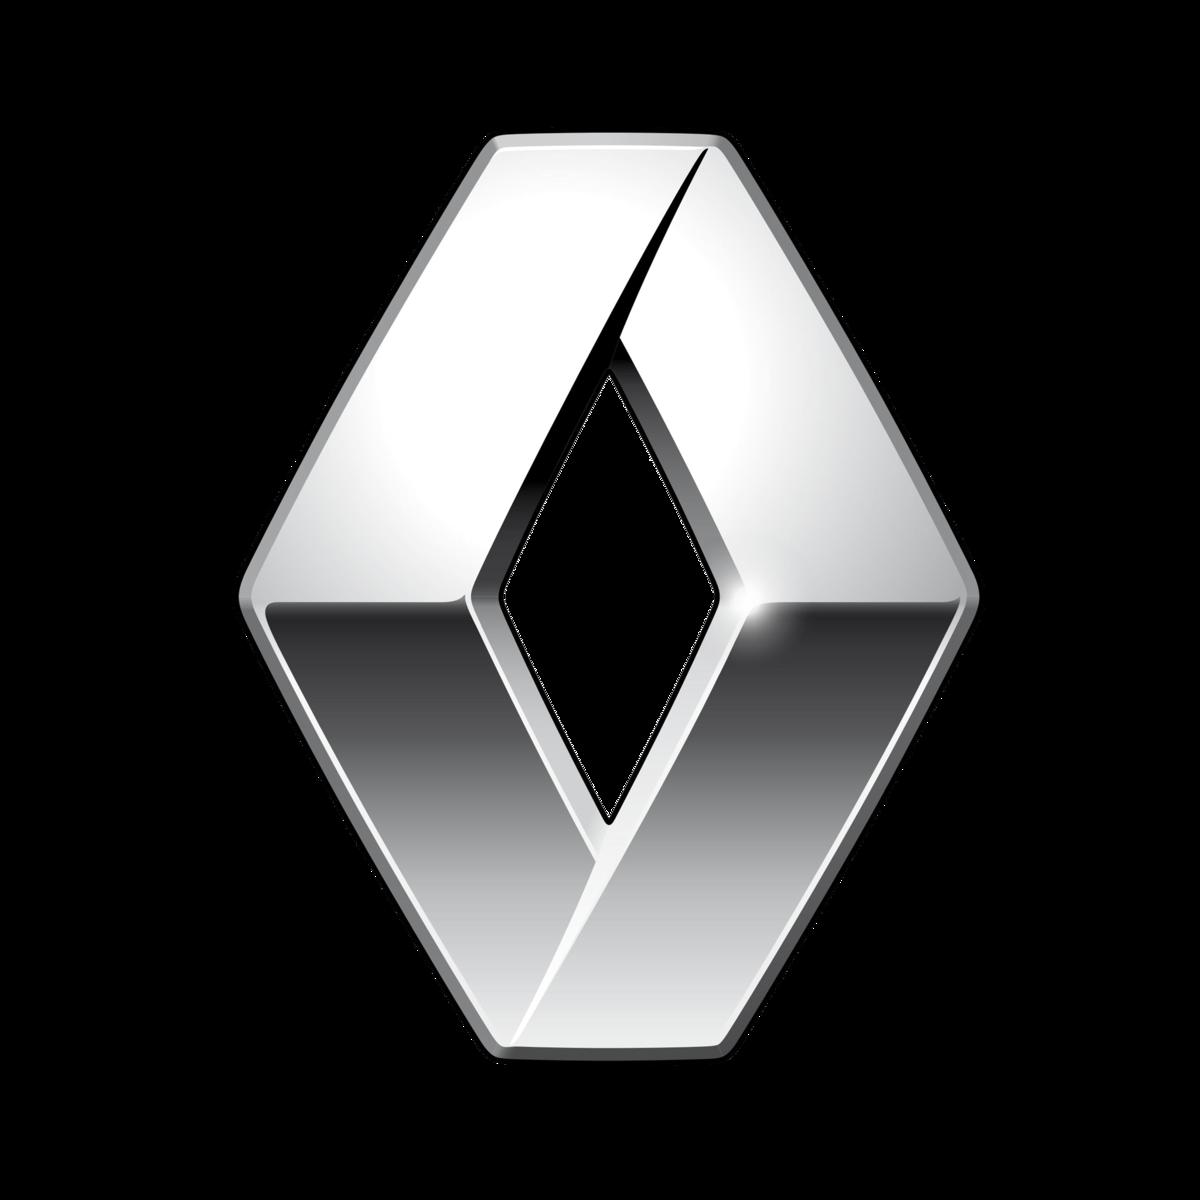 одной картинки с логотипами машин трубопроводного газа